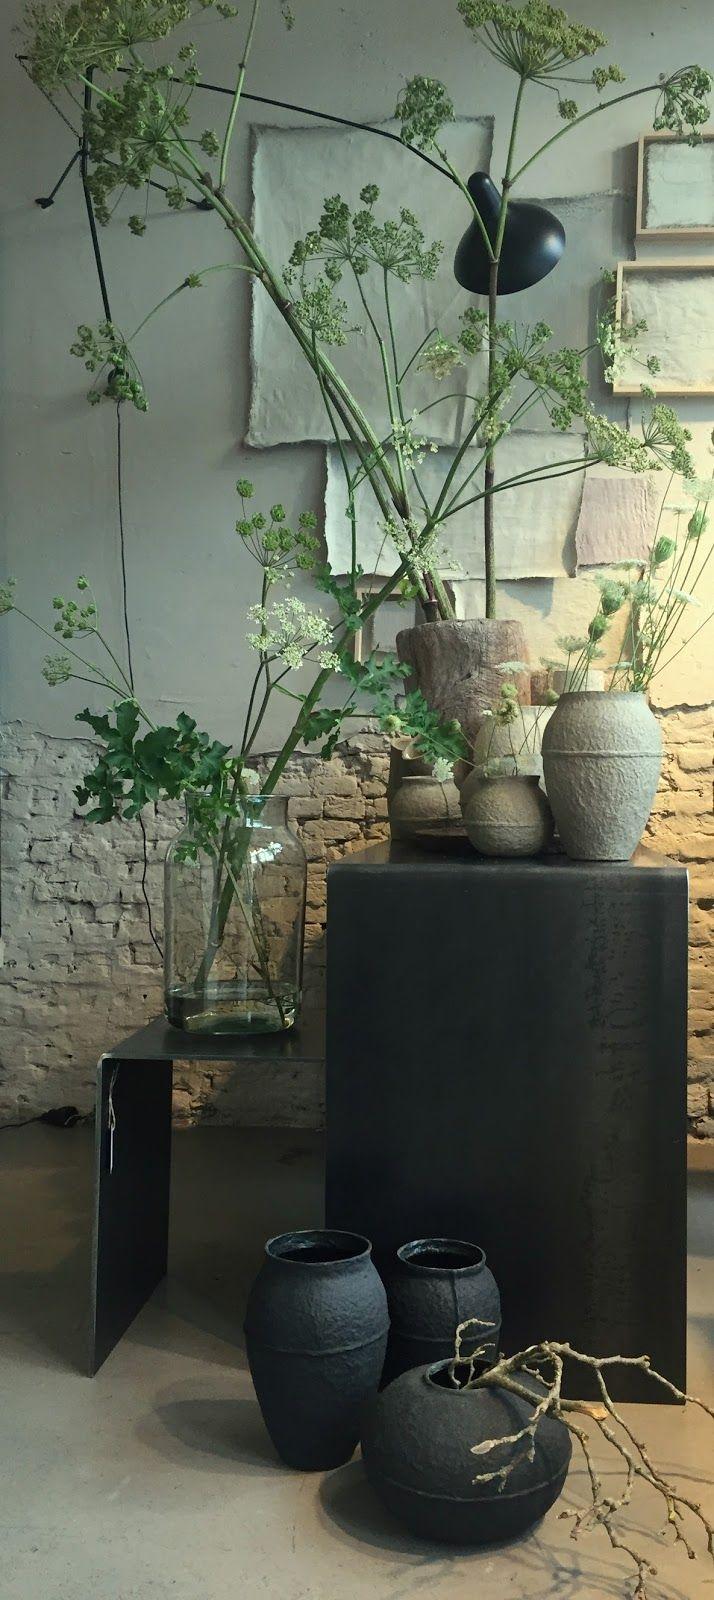 YOTHHUIS Een nieuwe vorm voor de YOTHinterieurwinkel; https://www.mijnwebwinkel.nl/winkel/yoth-huis/